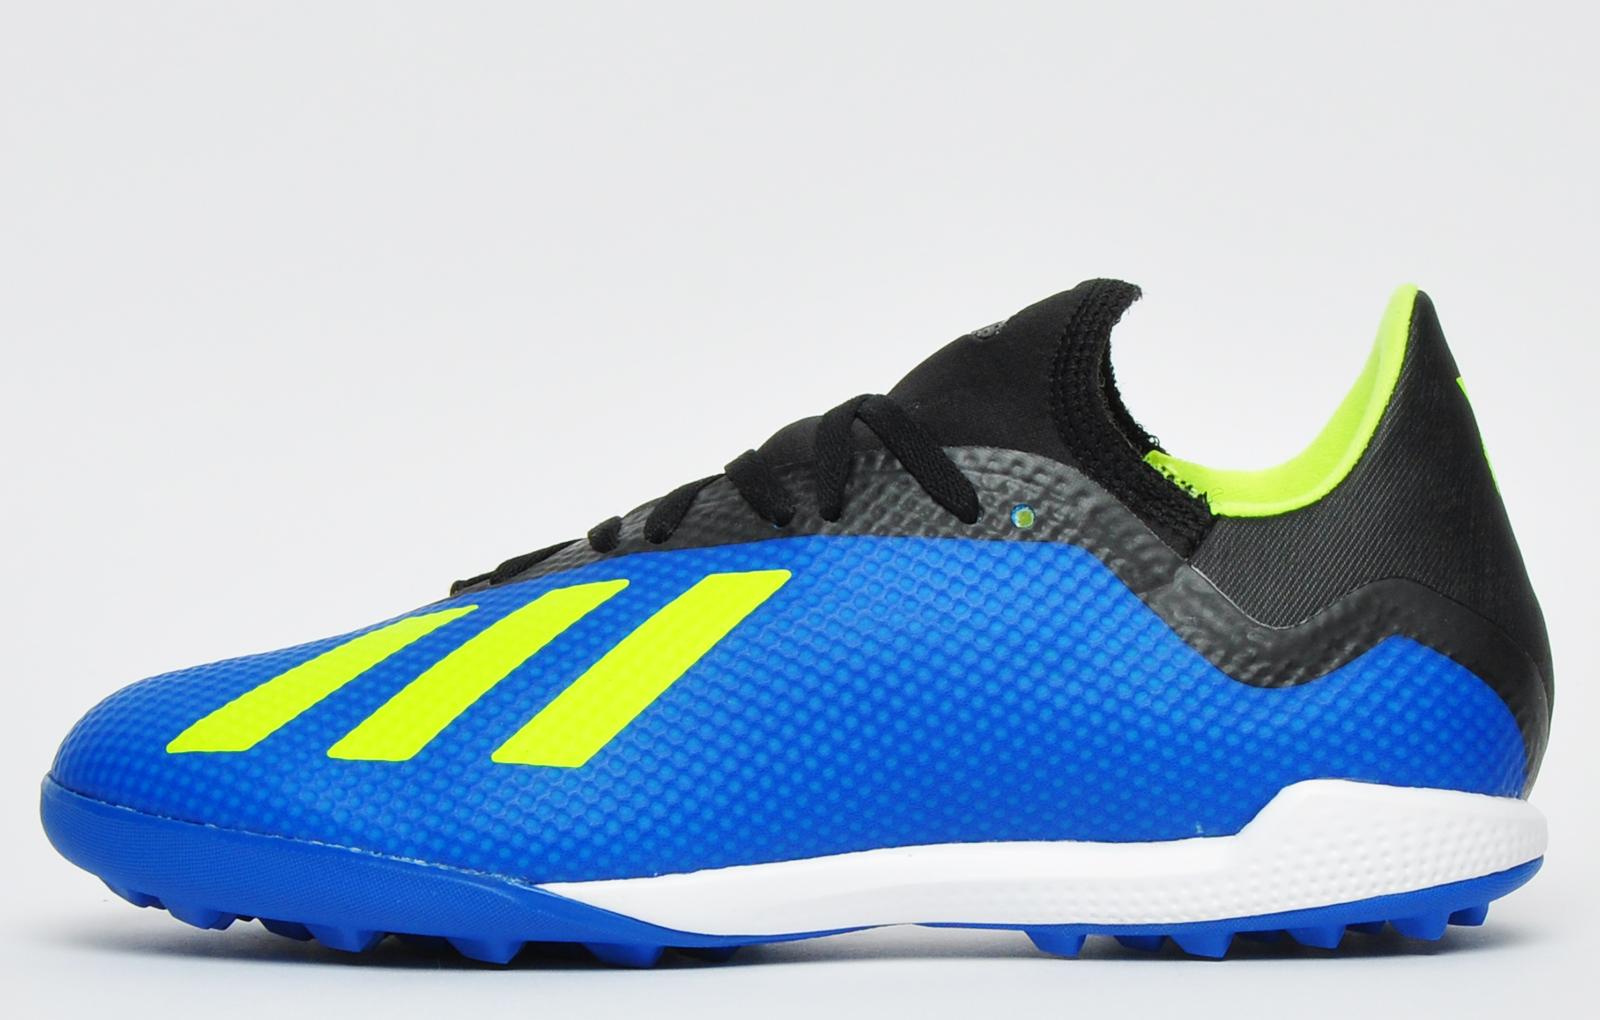 ⚽ Adidas X TANGO 18.3 TF Trainers Football Boots Size UK 10 Kids UK 3 Girls Boys